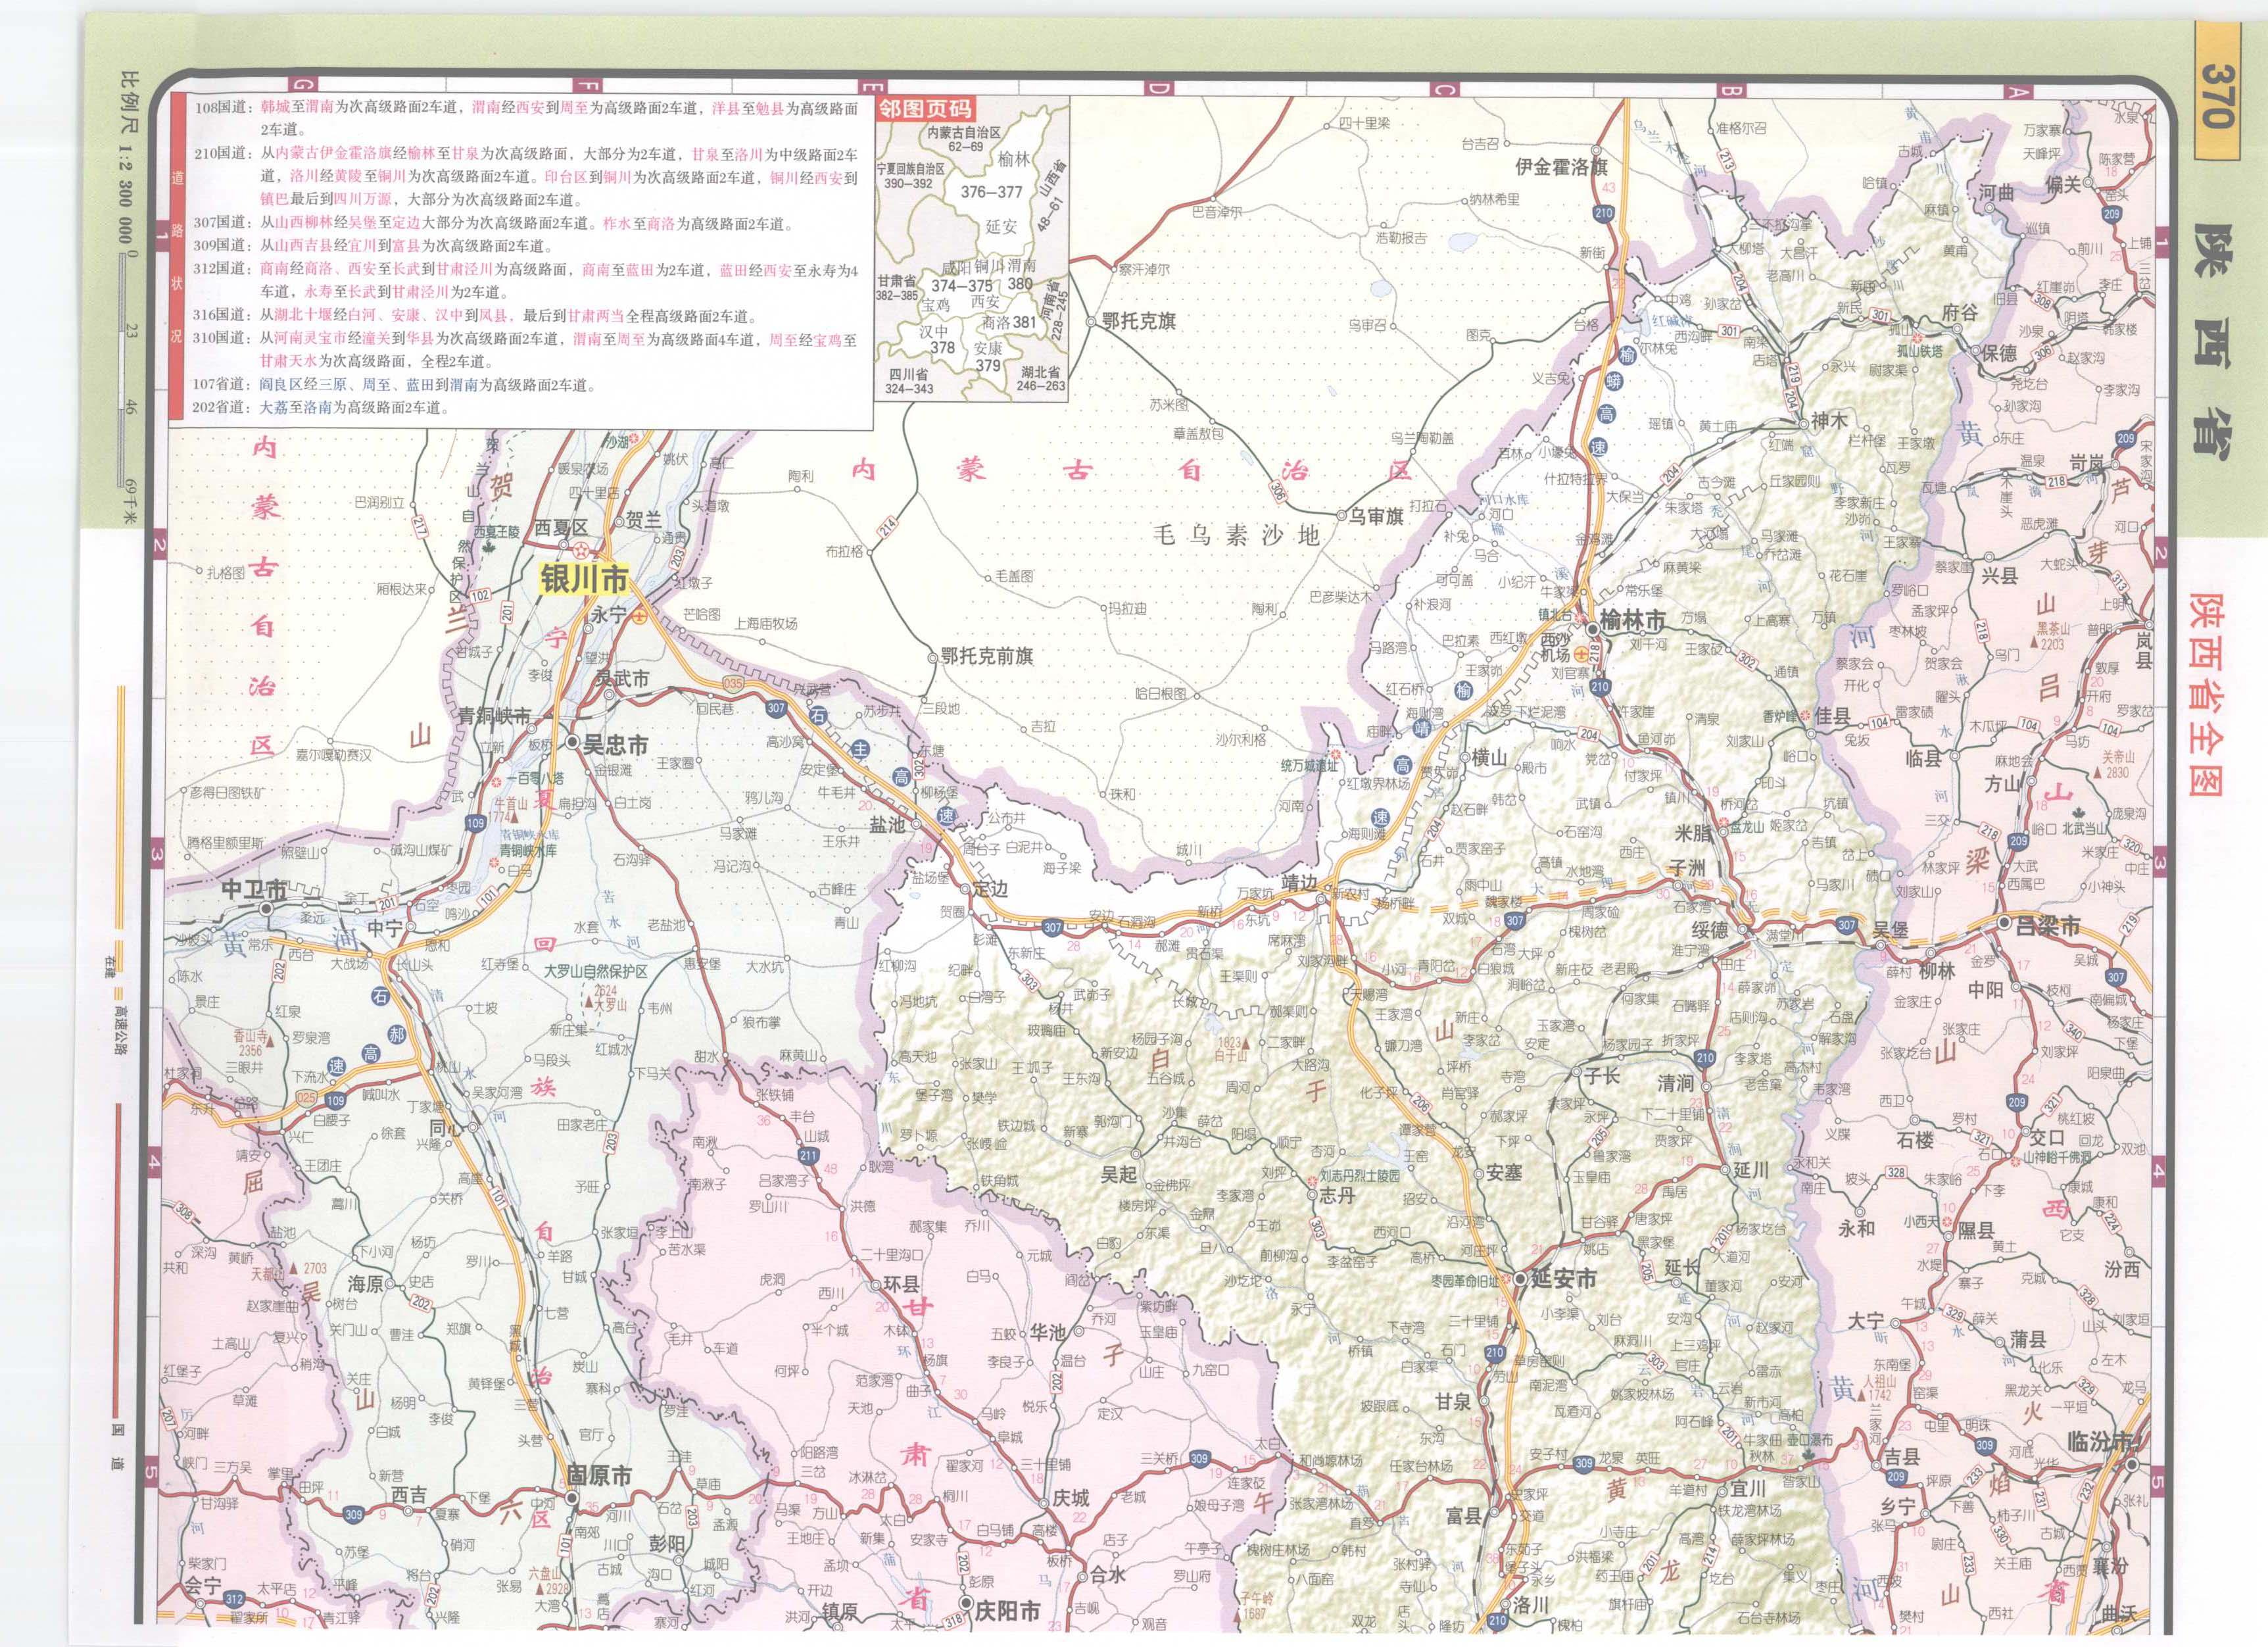 陕西高速地图展示